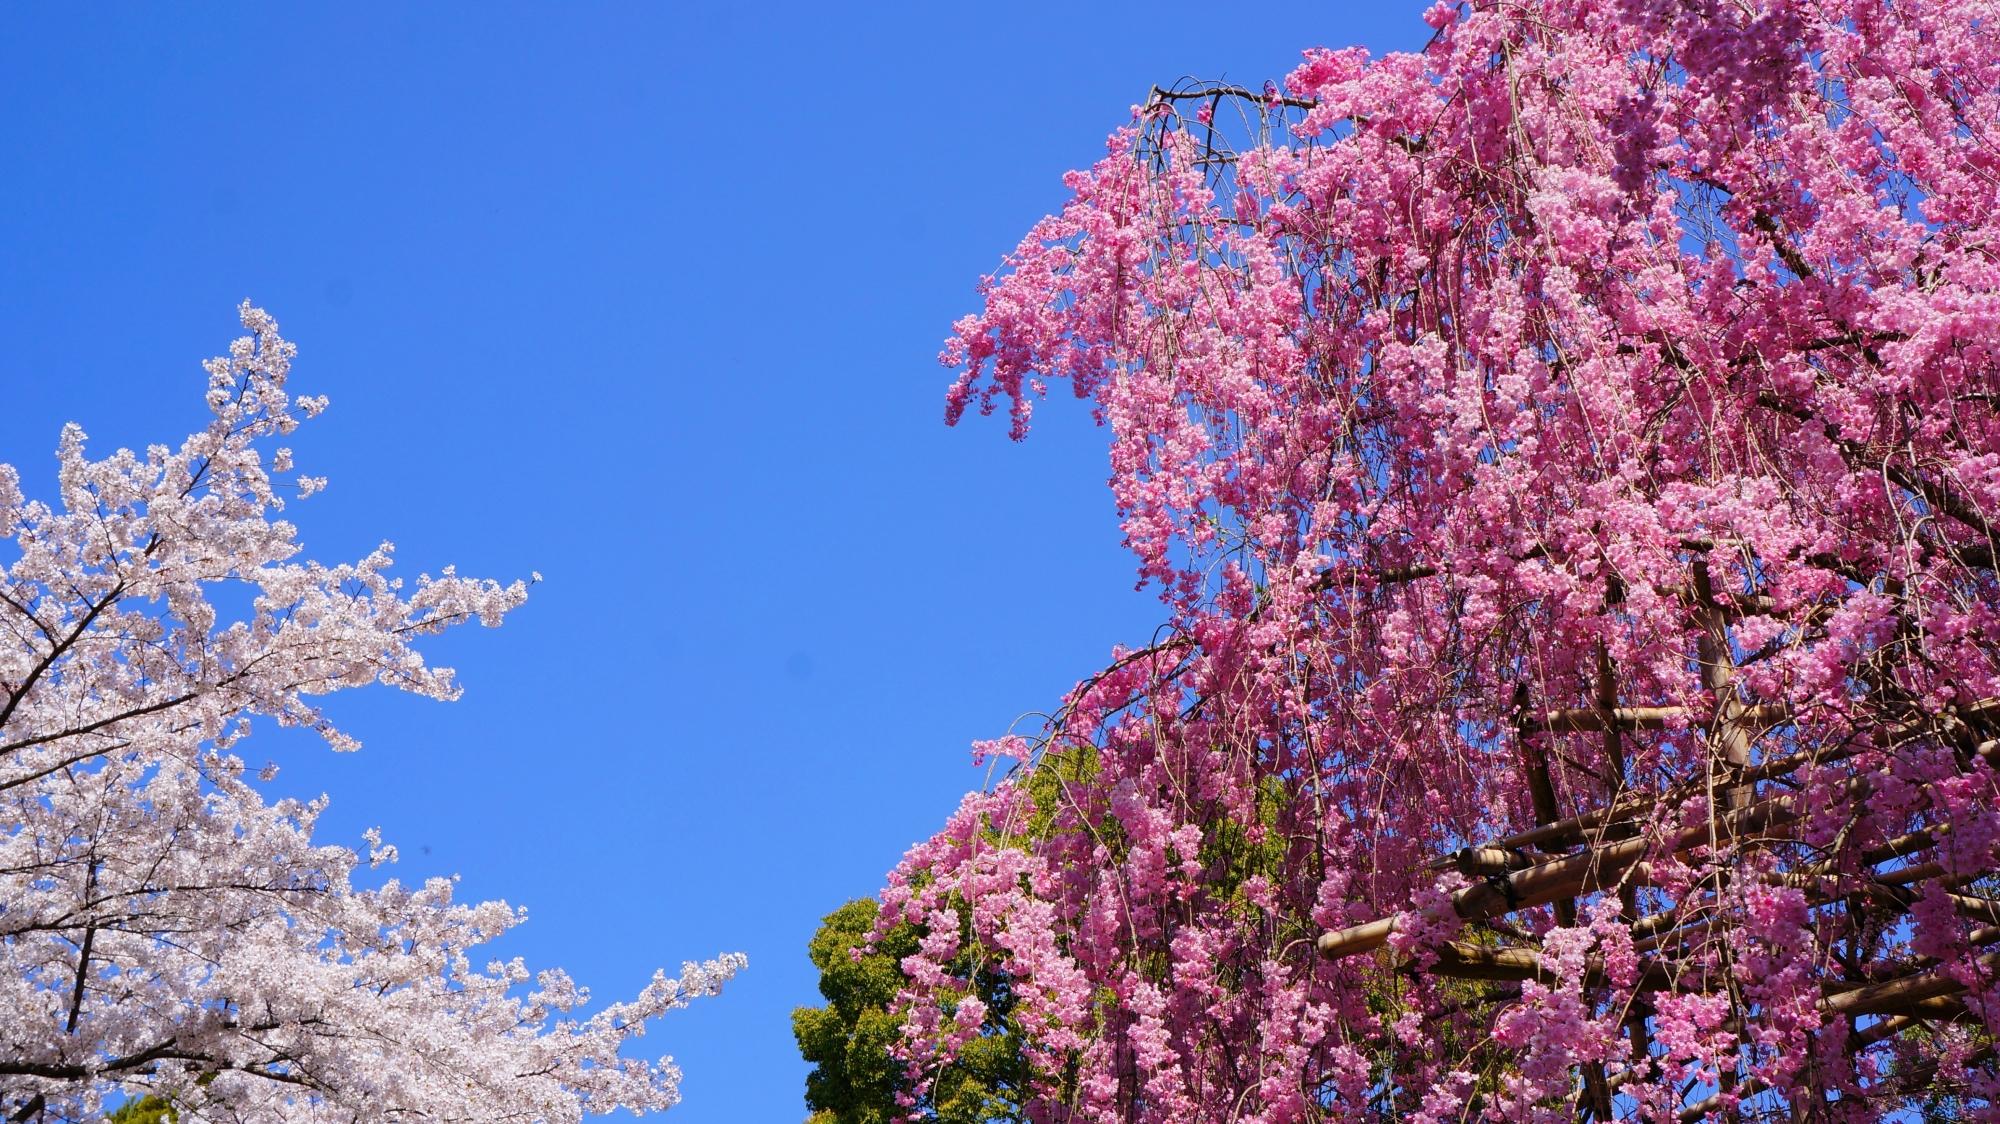 青空を春色に彩る紅白の桜